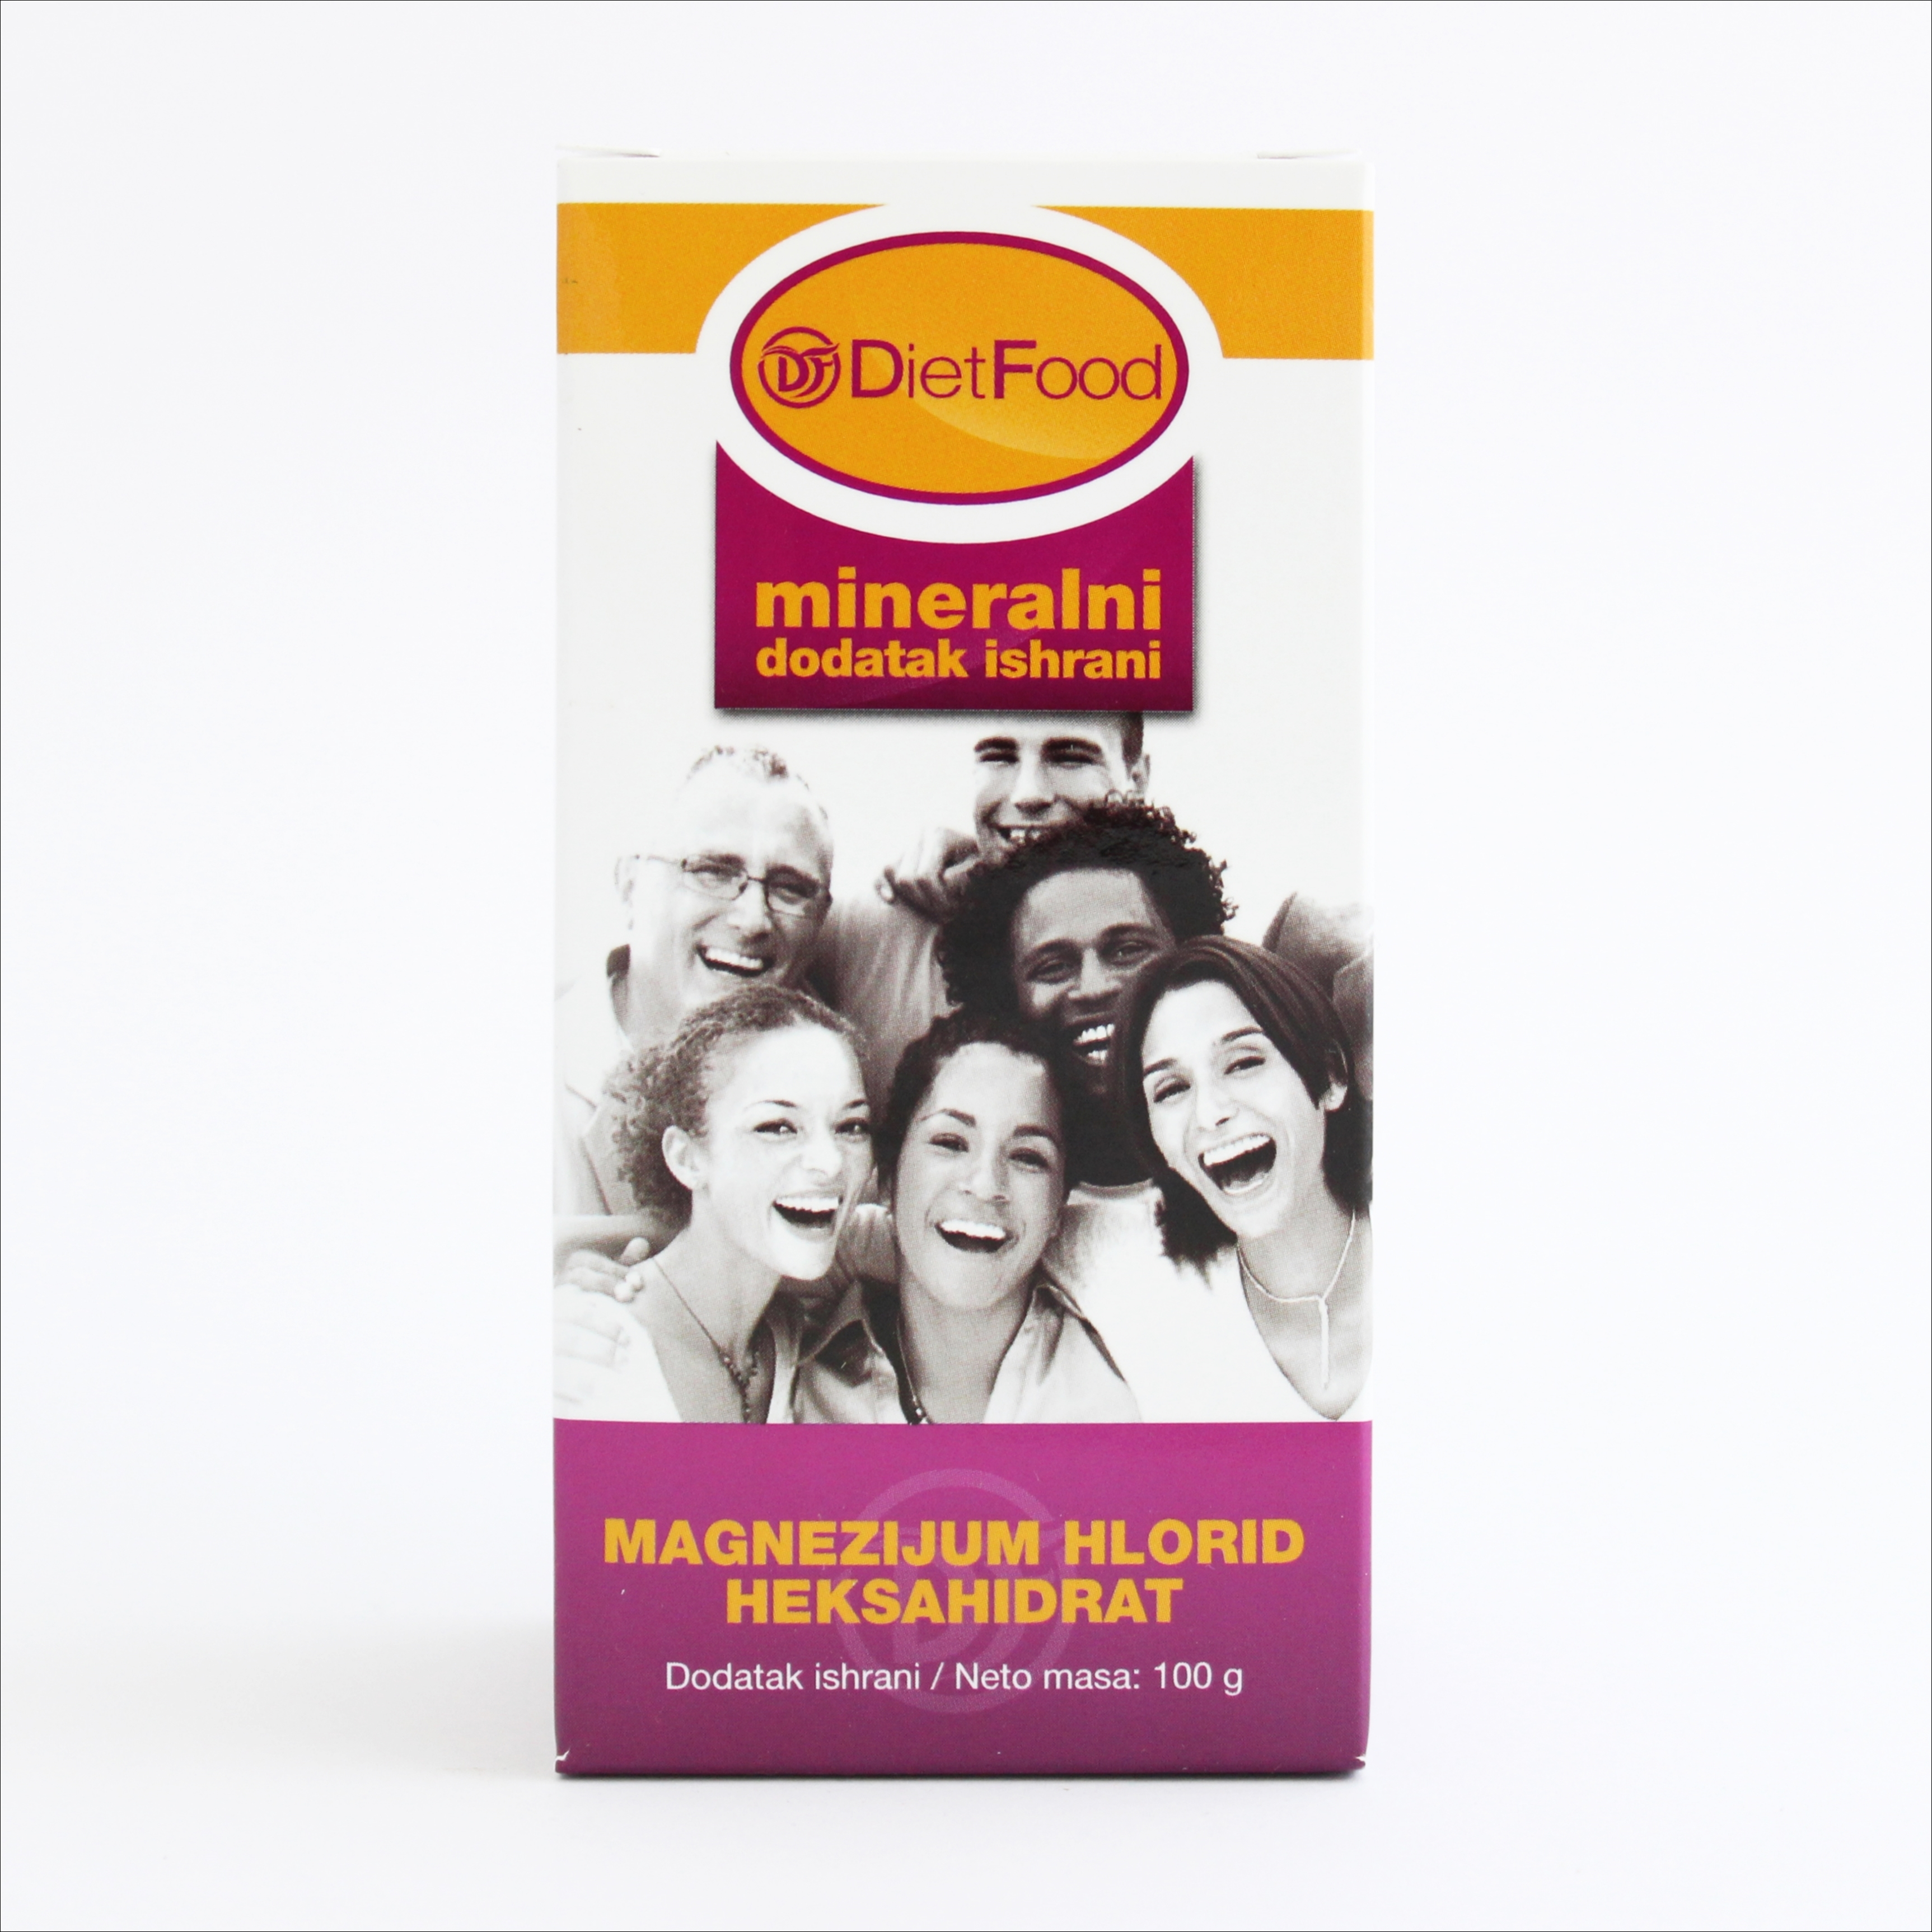 Magnezijum hlorid -  heksahidrat 100g 00127